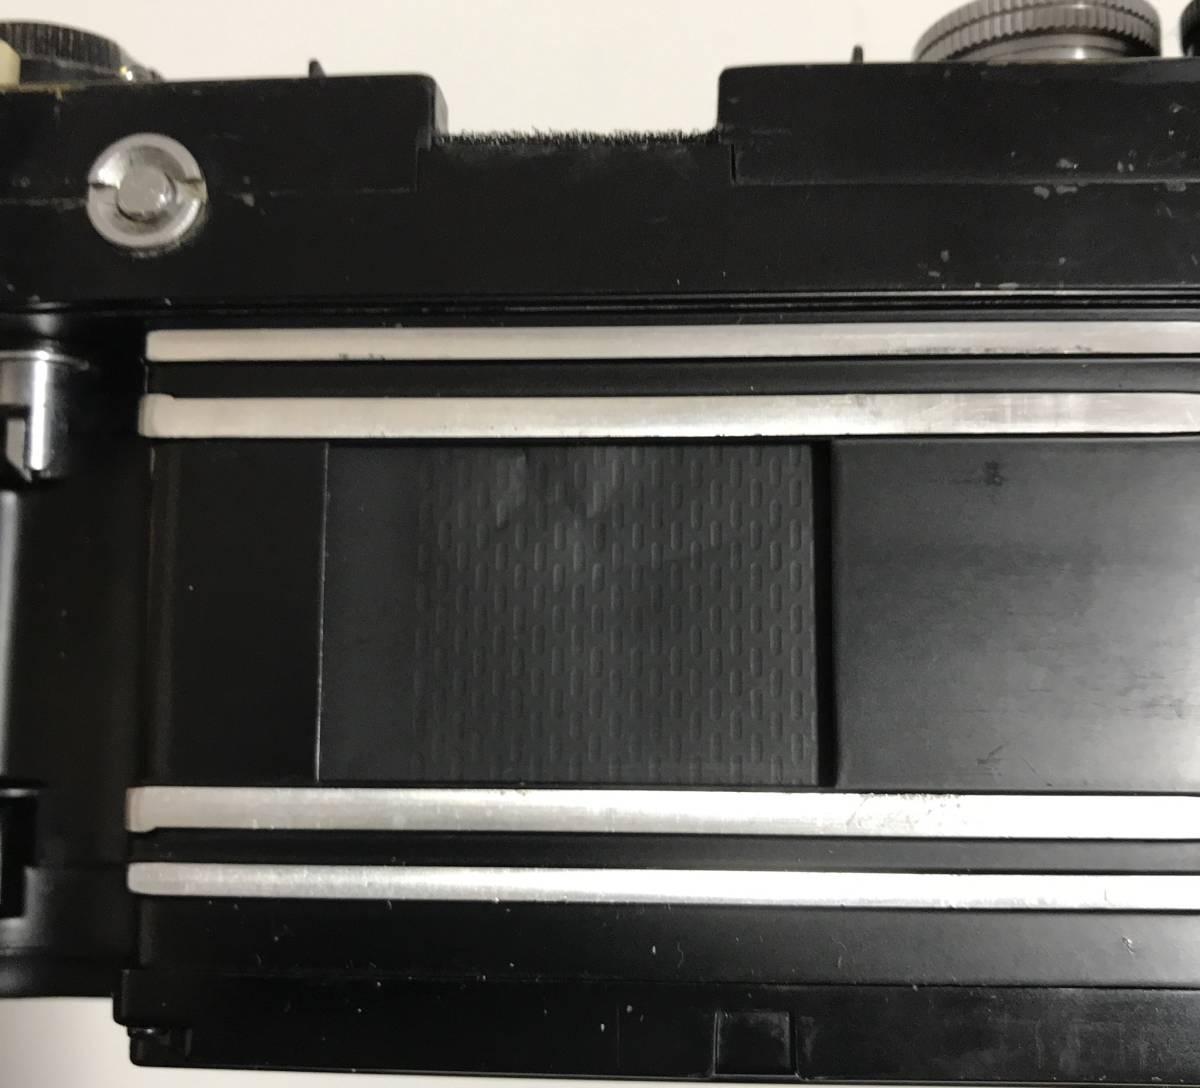 珍品 Nikkor F★ニッコールF ブラック(ファインダーなし)★ニコンFのドイツ輸出用★キィートスでオーバーホール済み_画像4